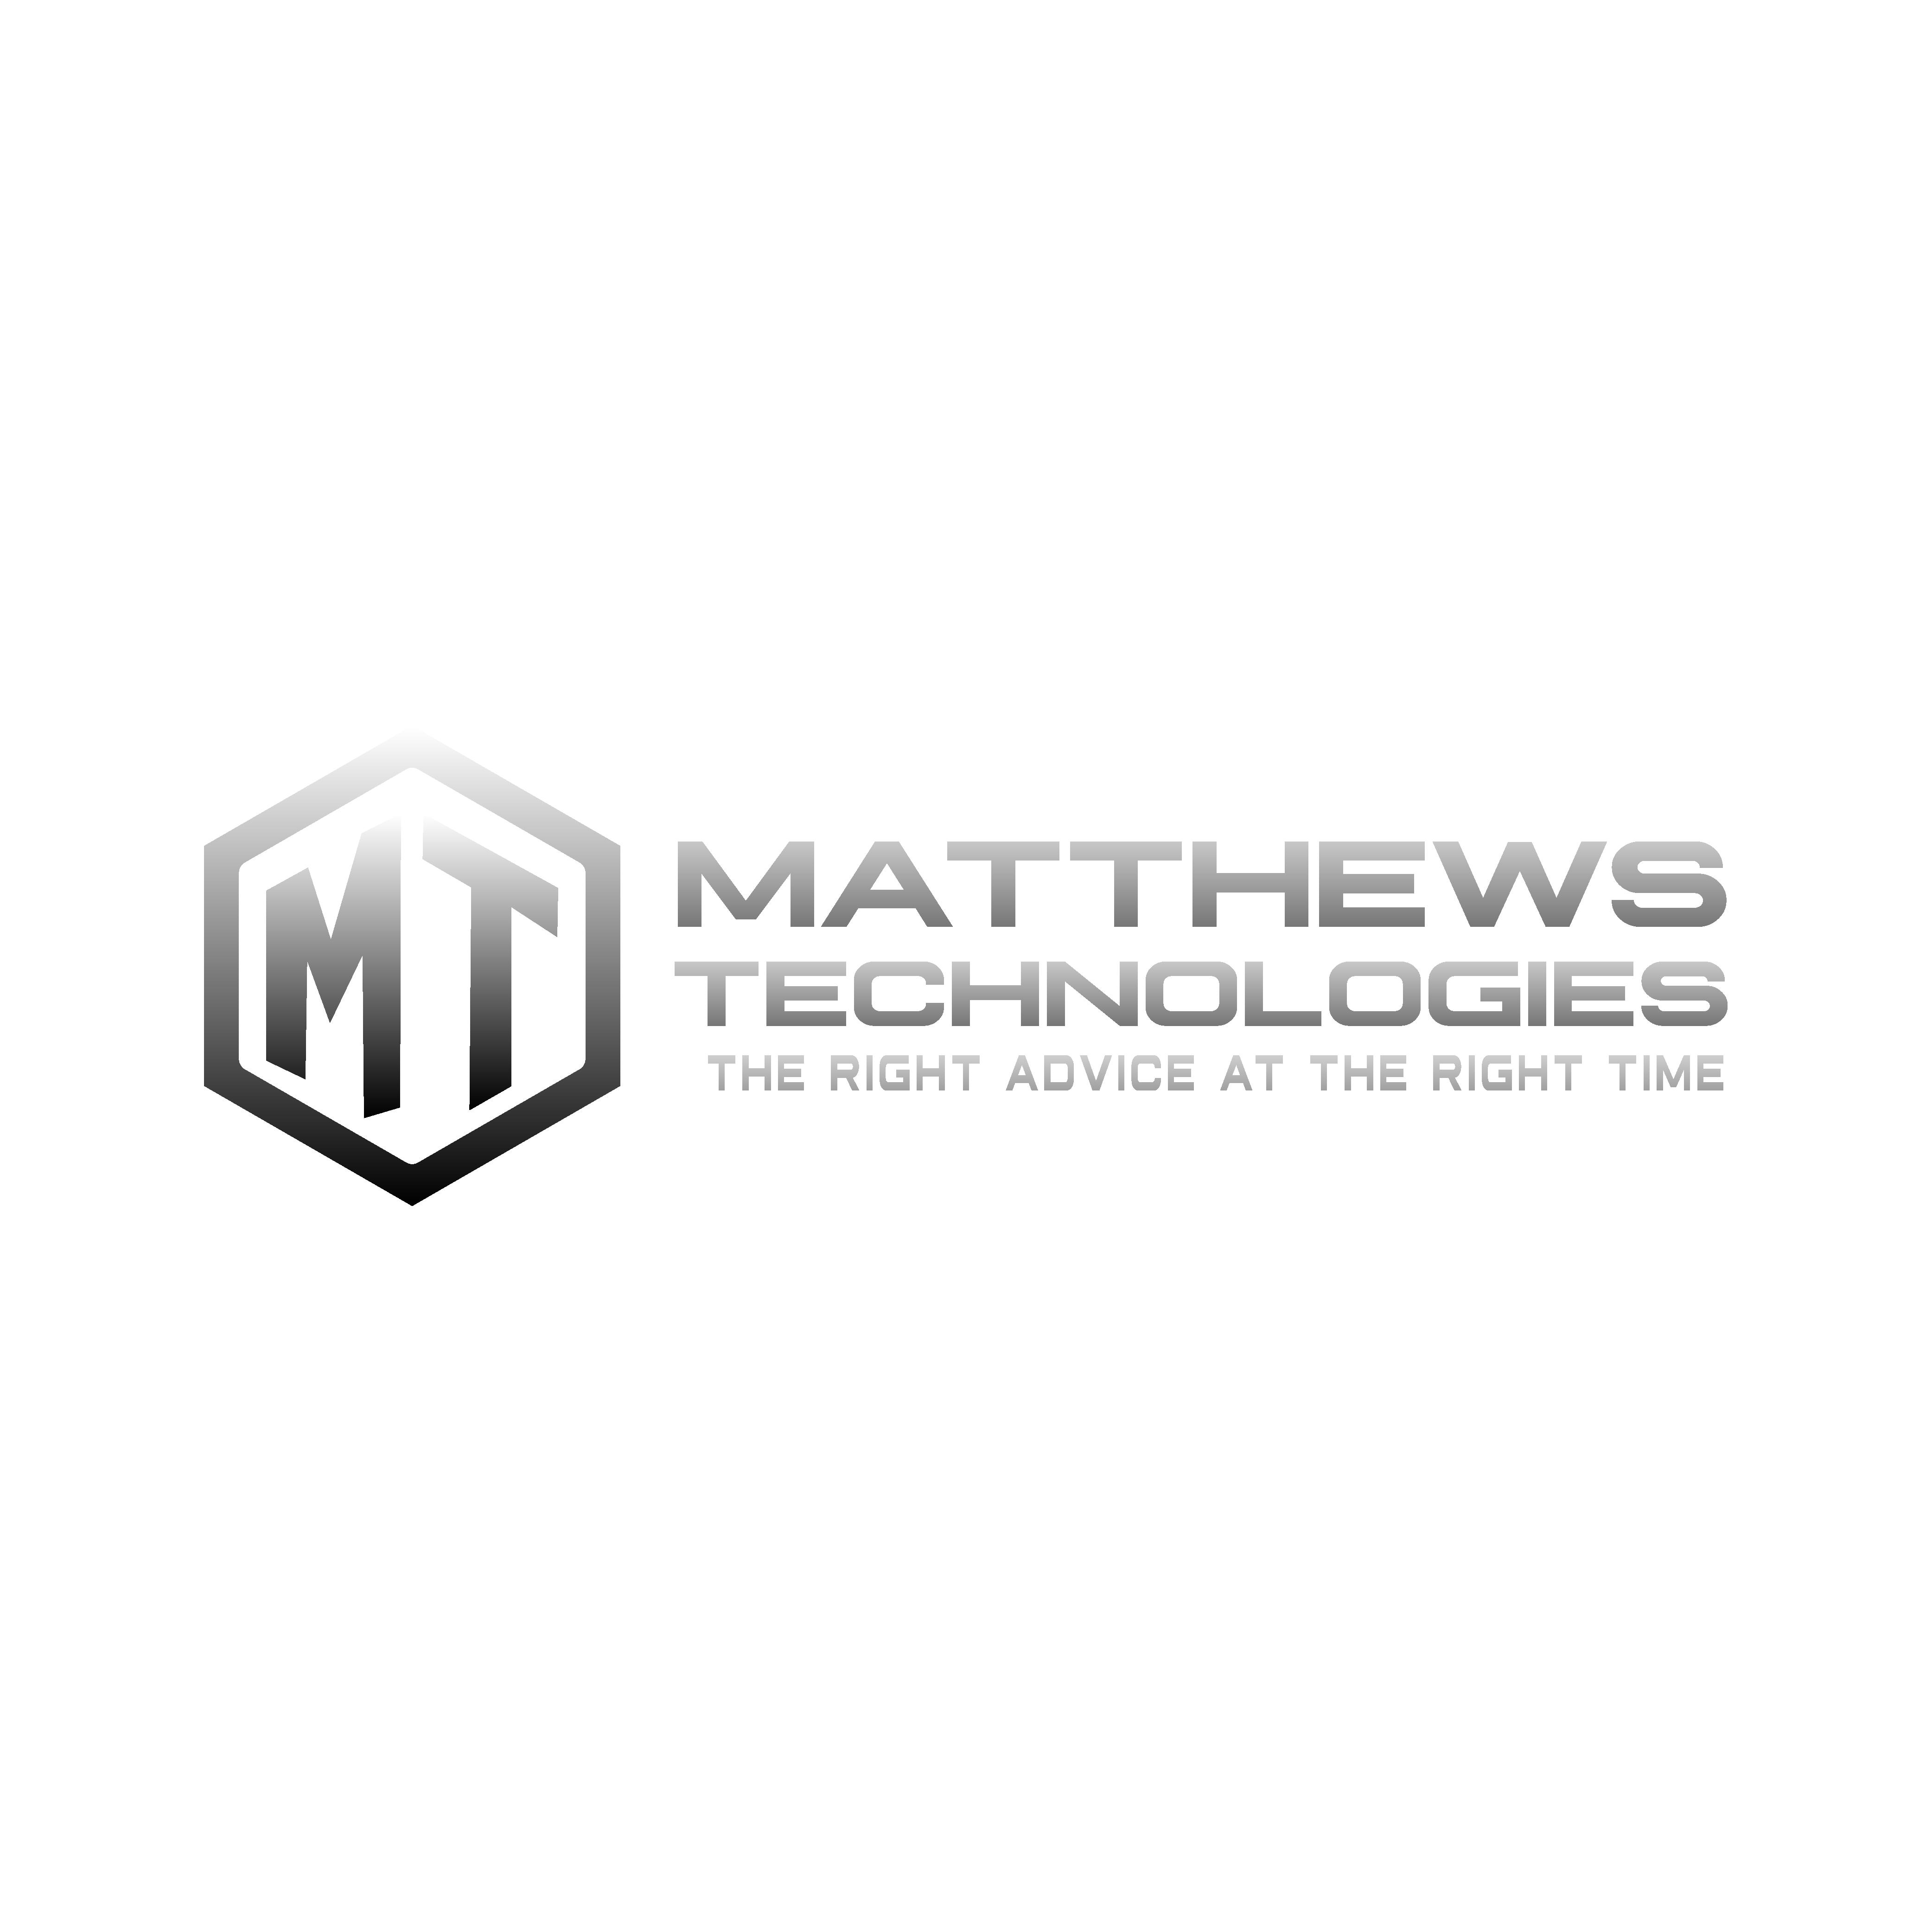 Matthews Tech logo 2